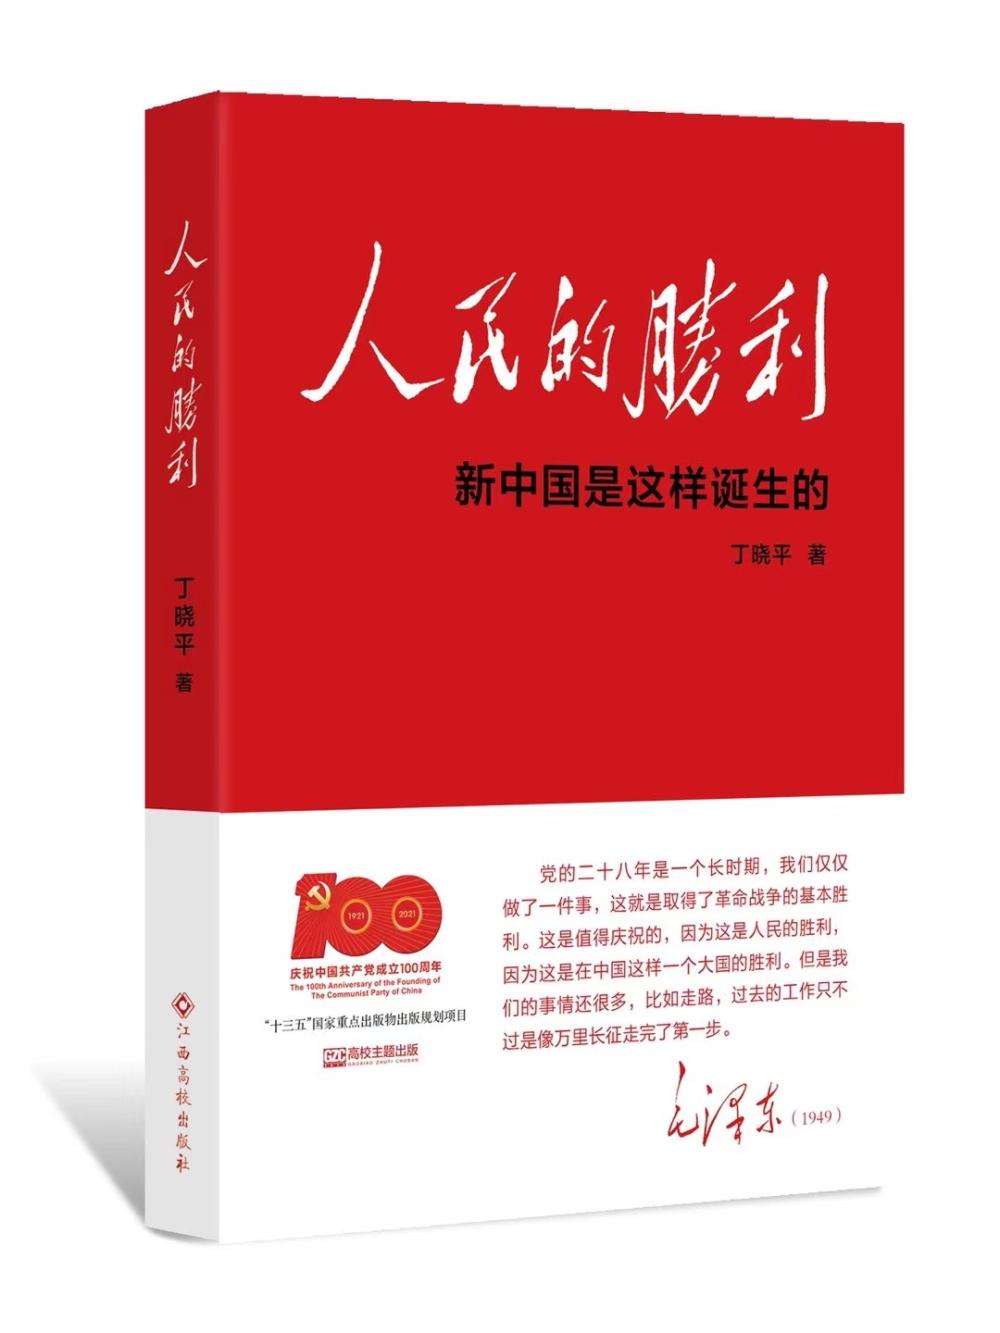 丁晓平:为什么是人民的胜利-出版人杂志官网